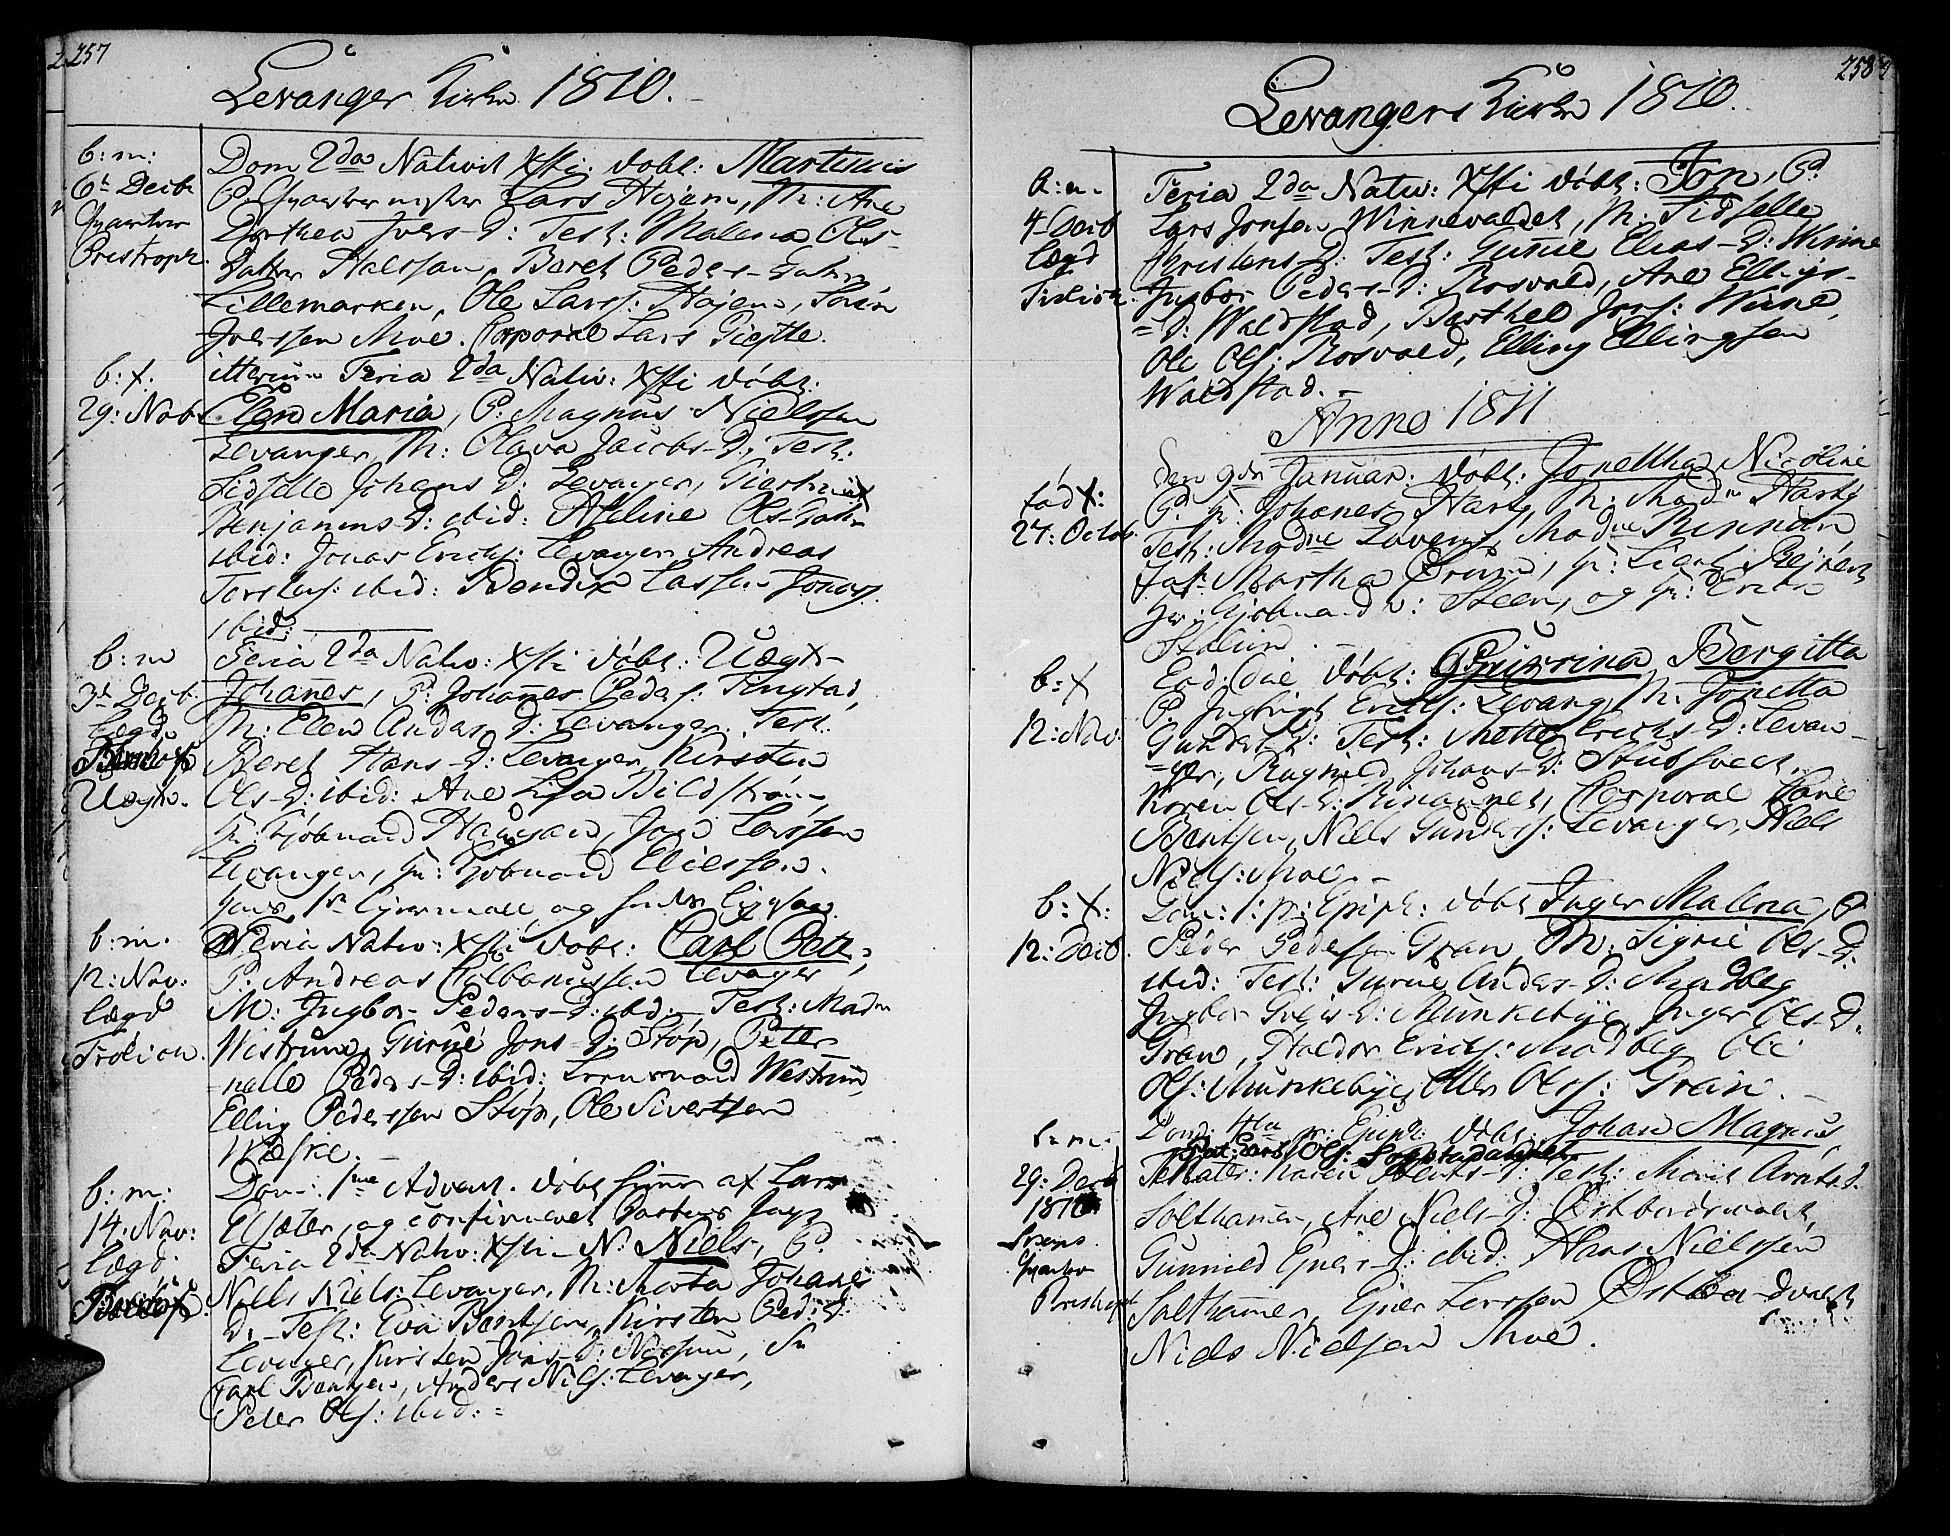 SAT, Ministerialprotokoller, klokkerbøker og fødselsregistre - Nord-Trøndelag, 717/L0145: Ministerialbok nr. 717A03 /3, 1810-1815, s. 257-258